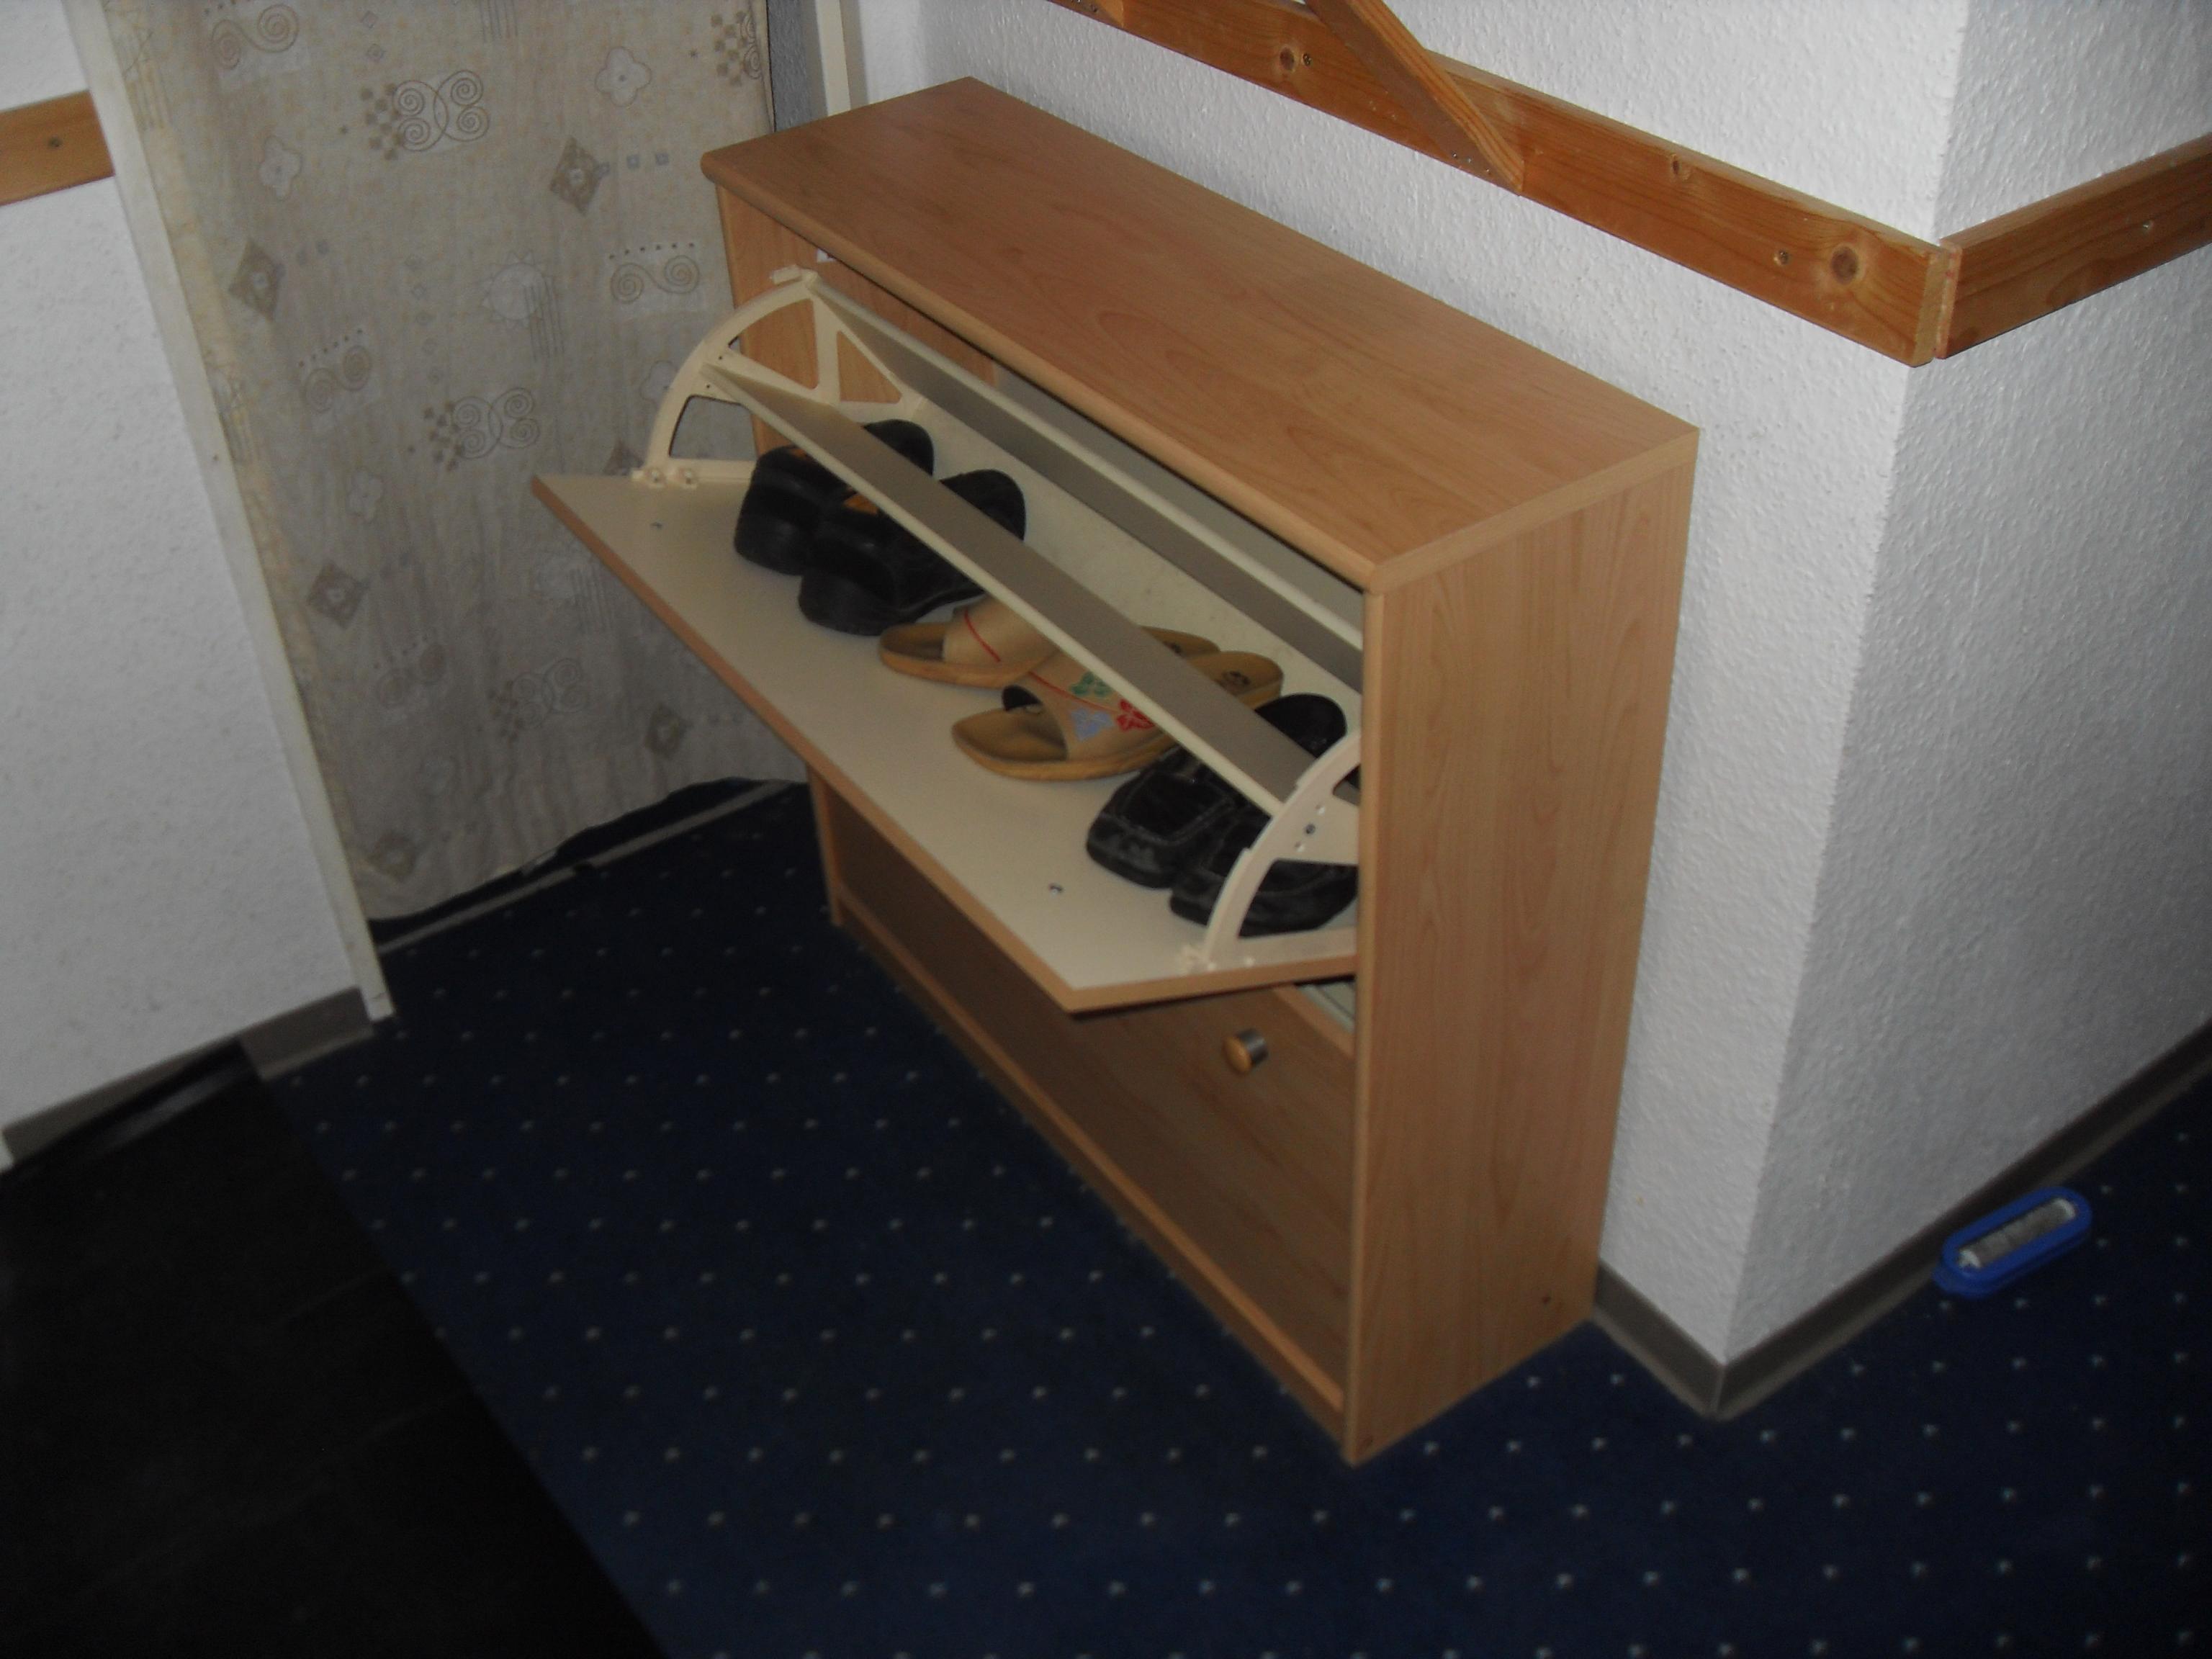 m bel und haushalt kleinanzeigen in mainz seite 2. Black Bedroom Furniture Sets. Home Design Ideas